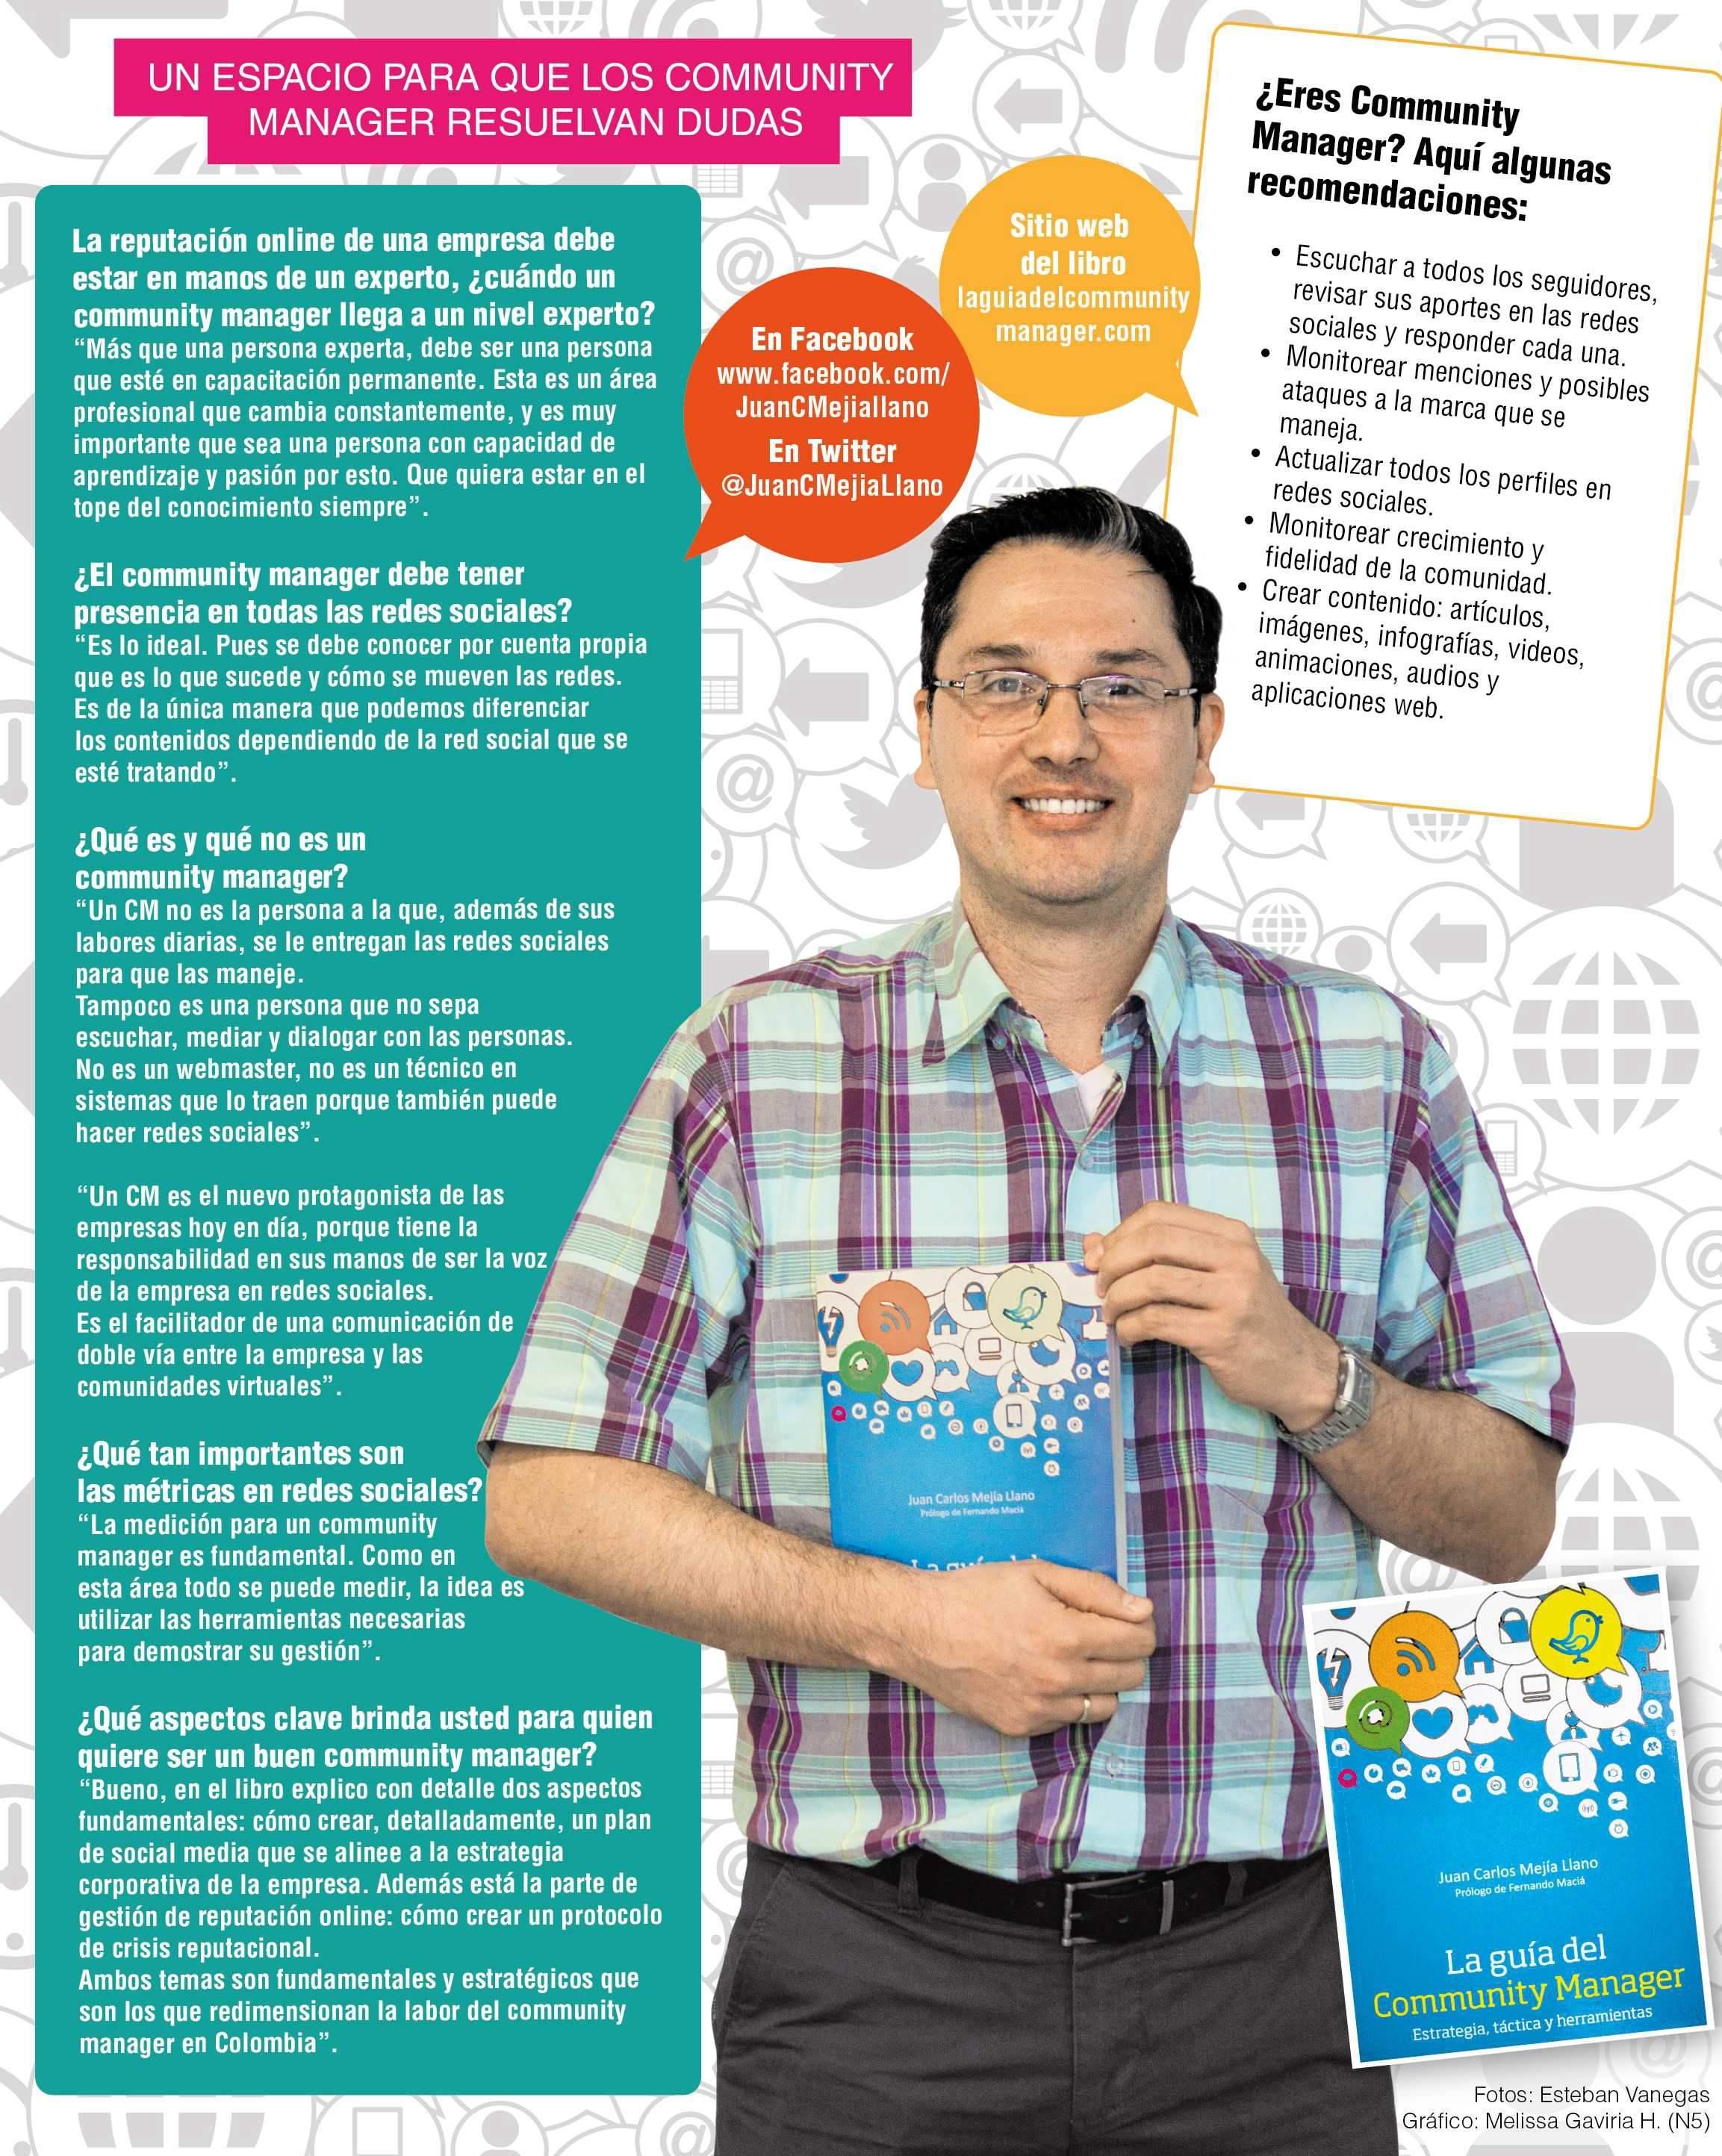 Juan Carlos Mejía Lanzando libro La Guia del Community Manager en el principal periodico de Medellín El Colombiano